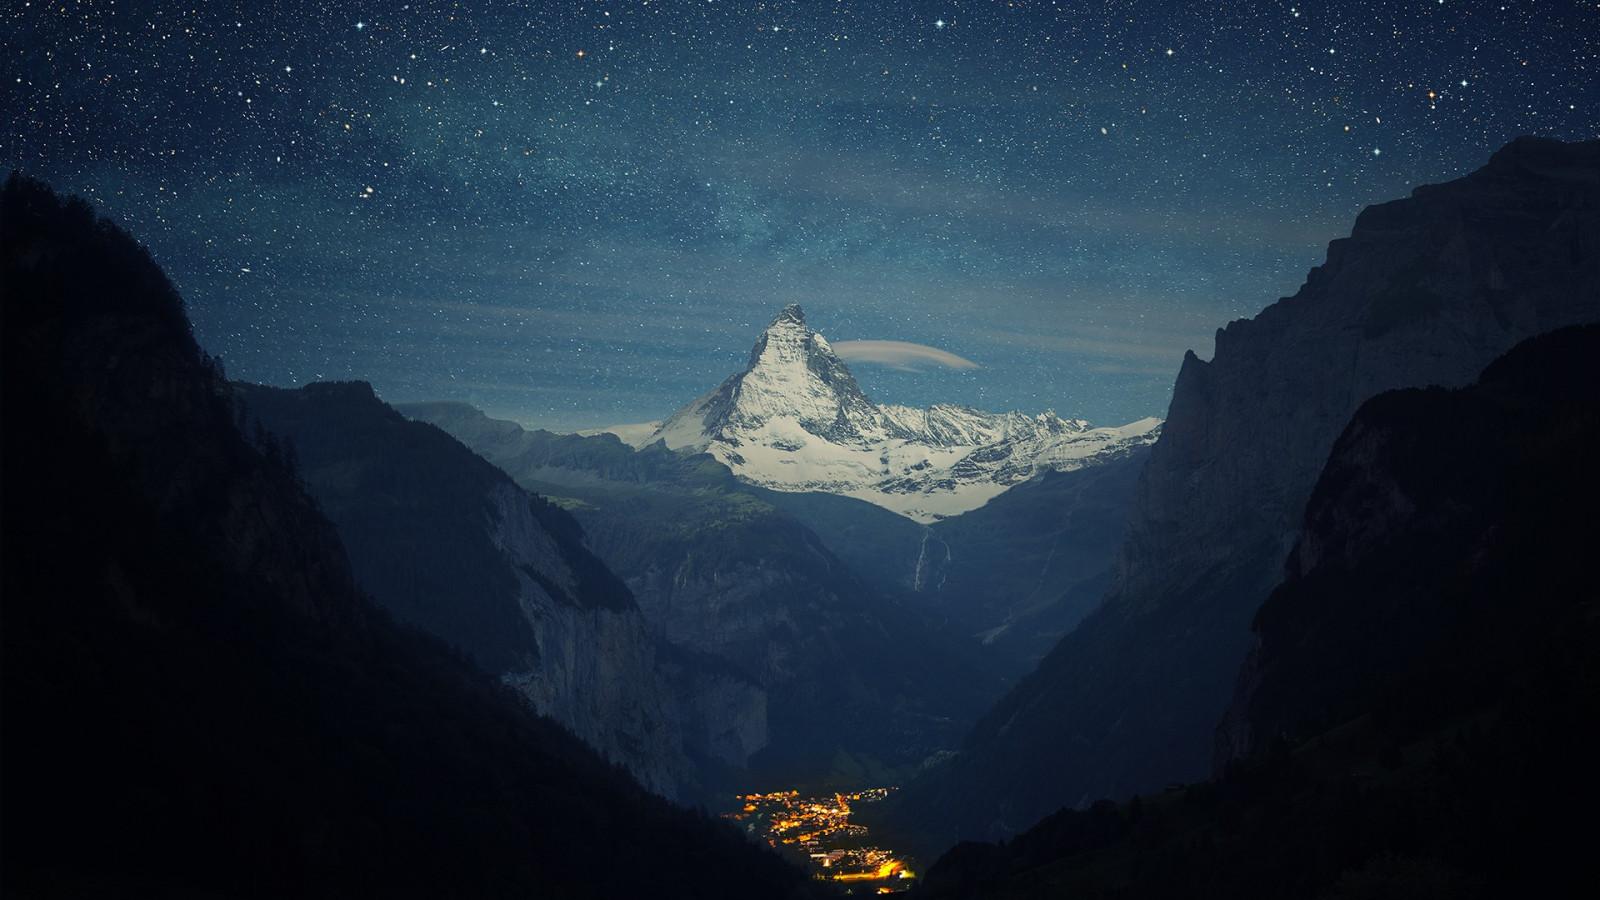 fond d ecran nuit la nature ciel